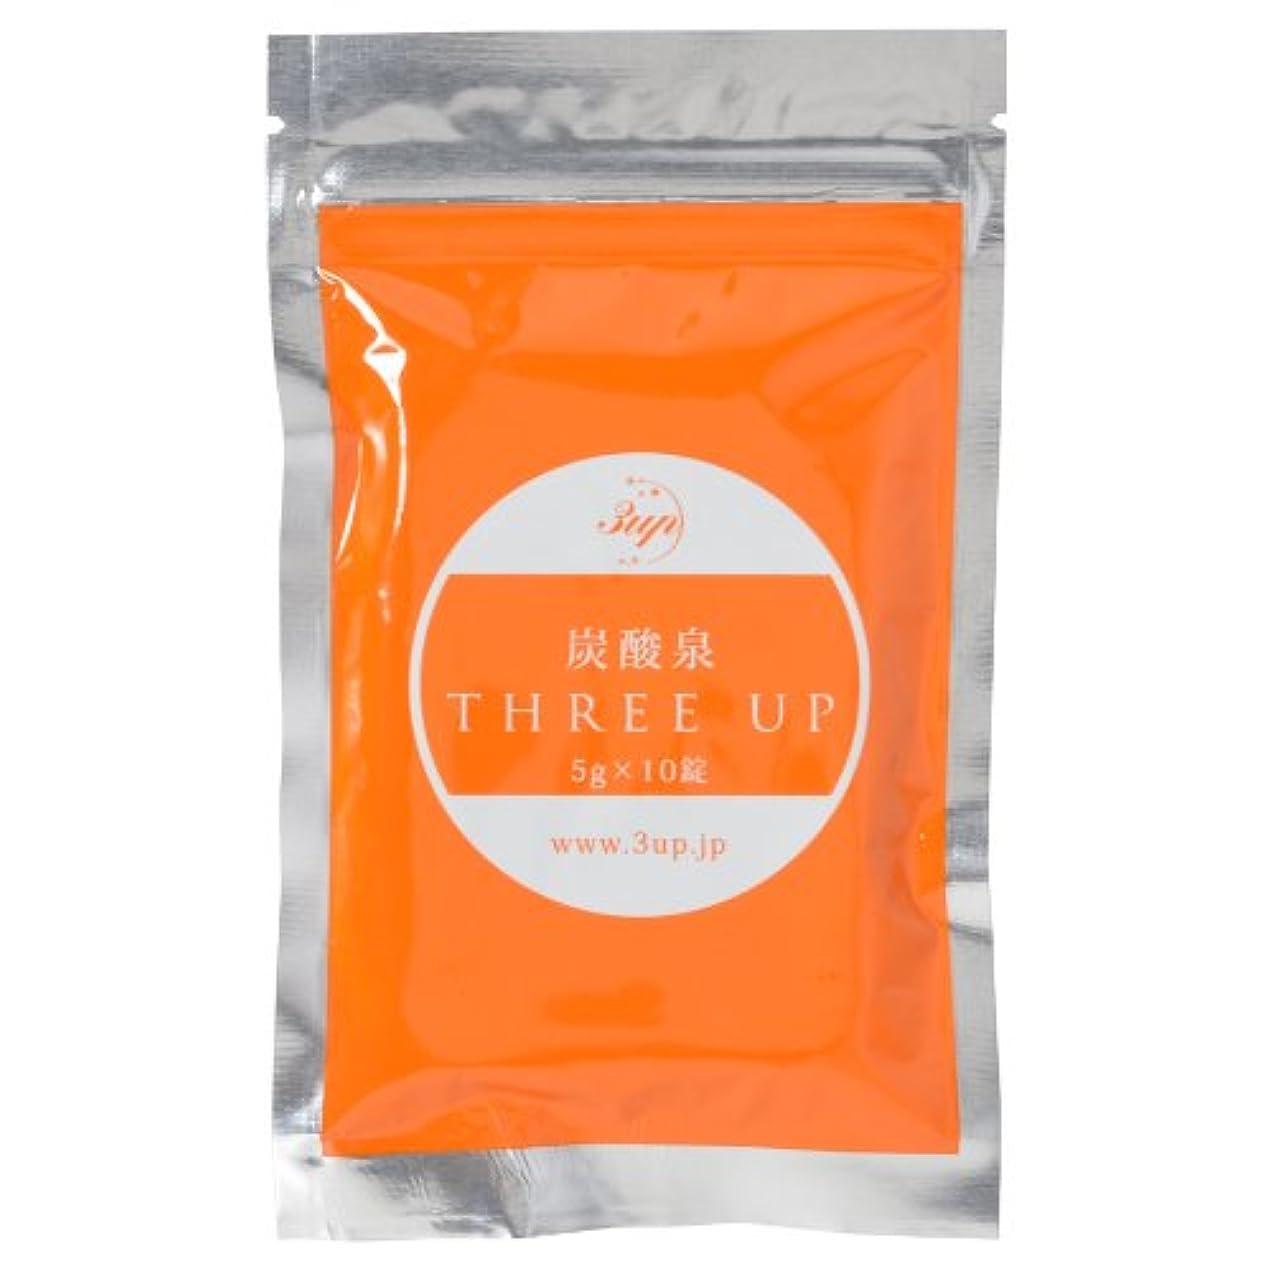 拘束するバイパス細菌3upスリーアップ 重炭酸イオンタブレット(洗顔用) 1袋:5g×10錠